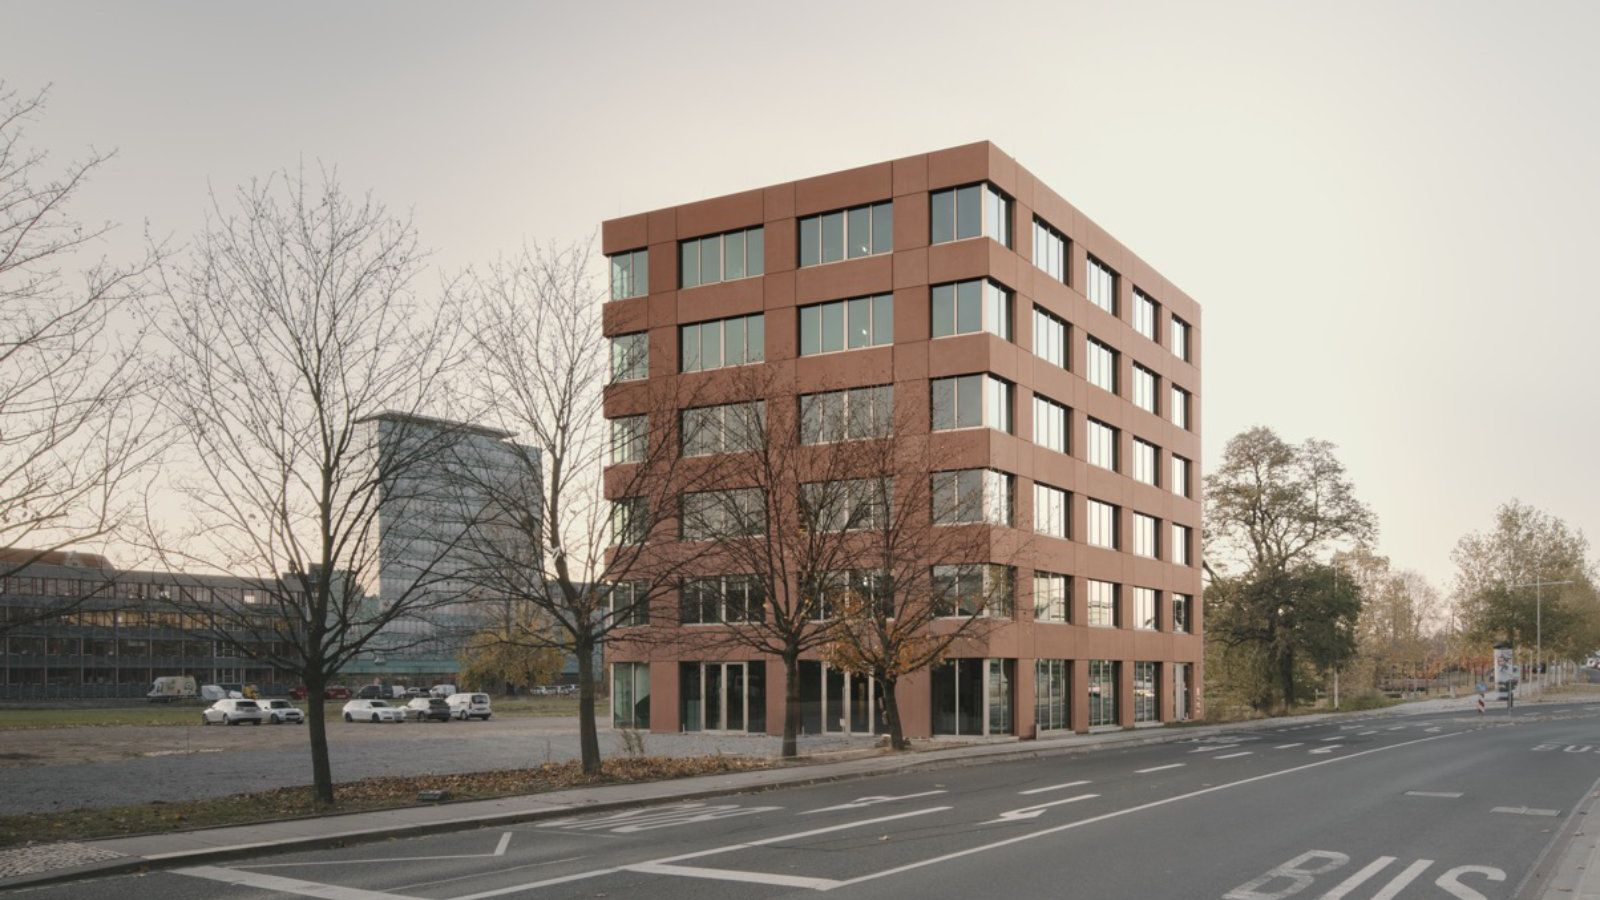 Herbert-Wehner-Haus Außenfassade Jan Wiese Architektur